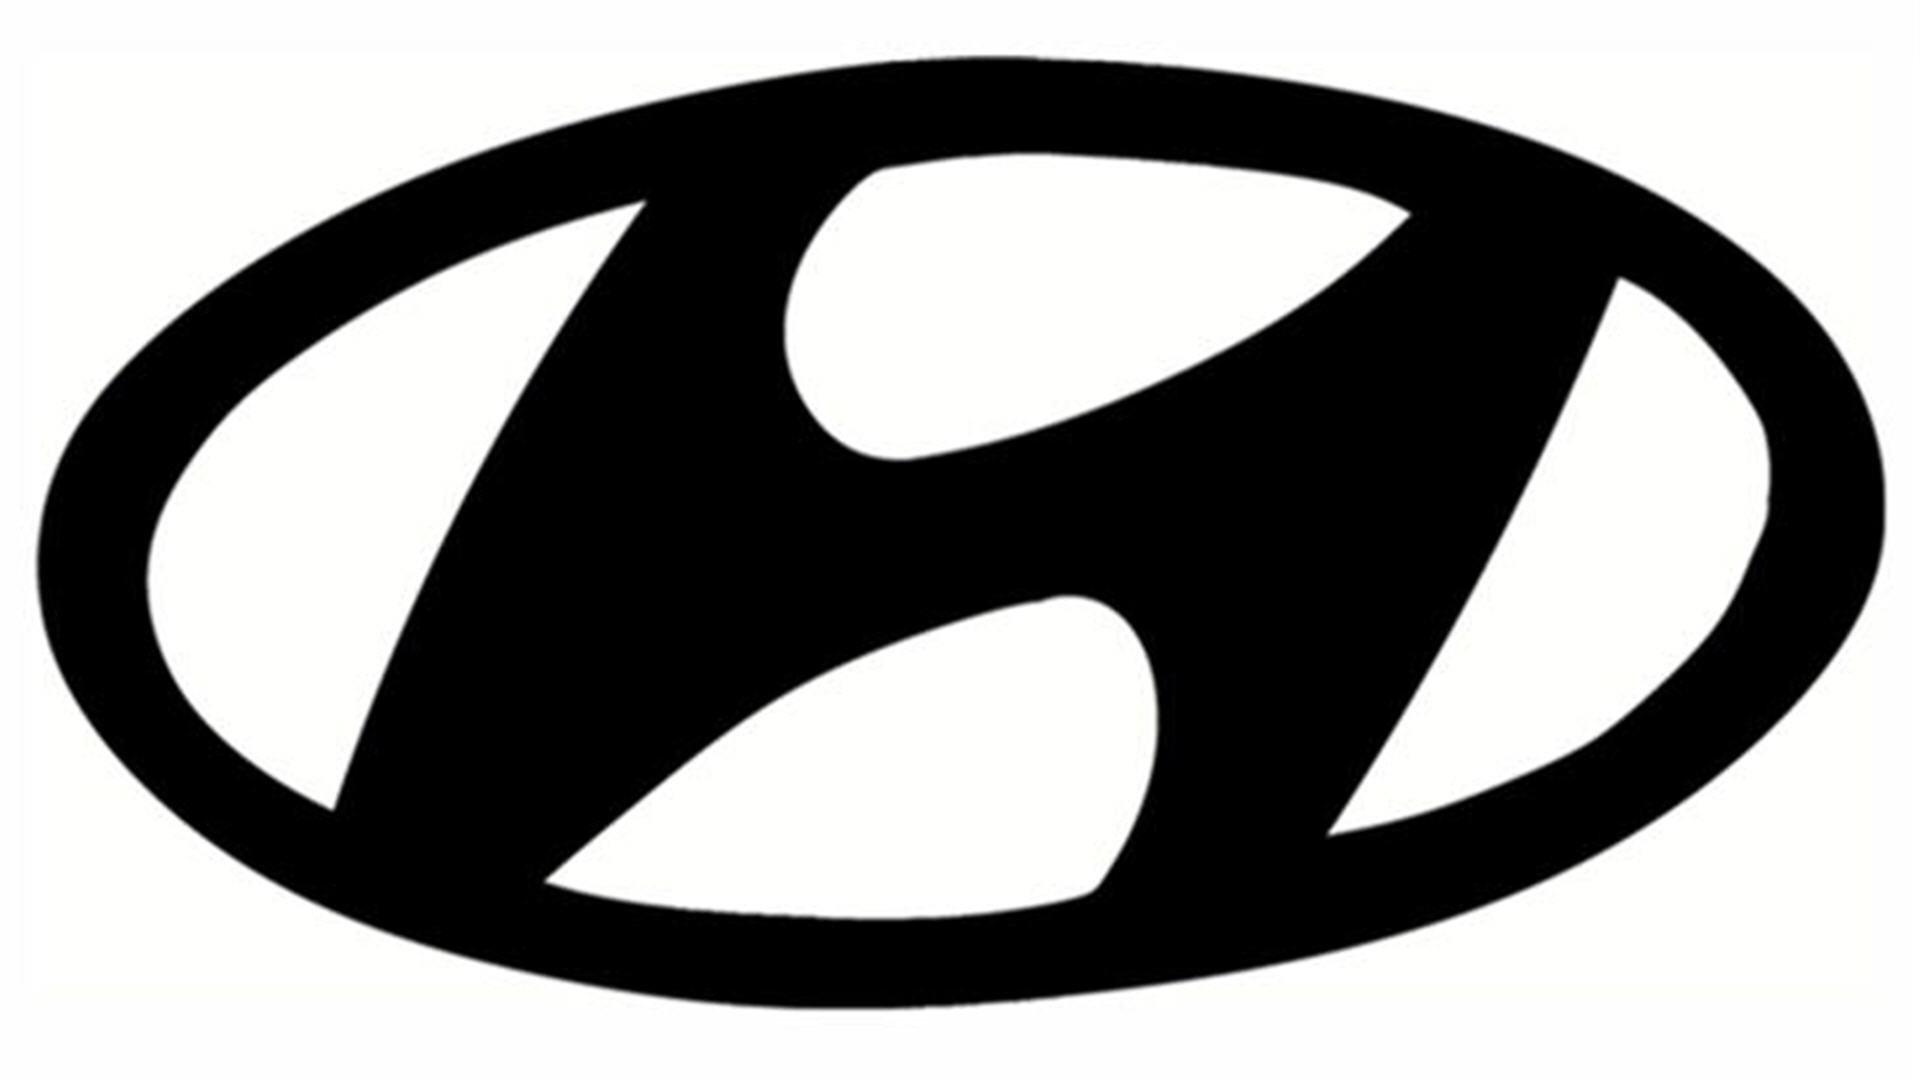 hyundai logo #351 - Hyundai Logo PNG